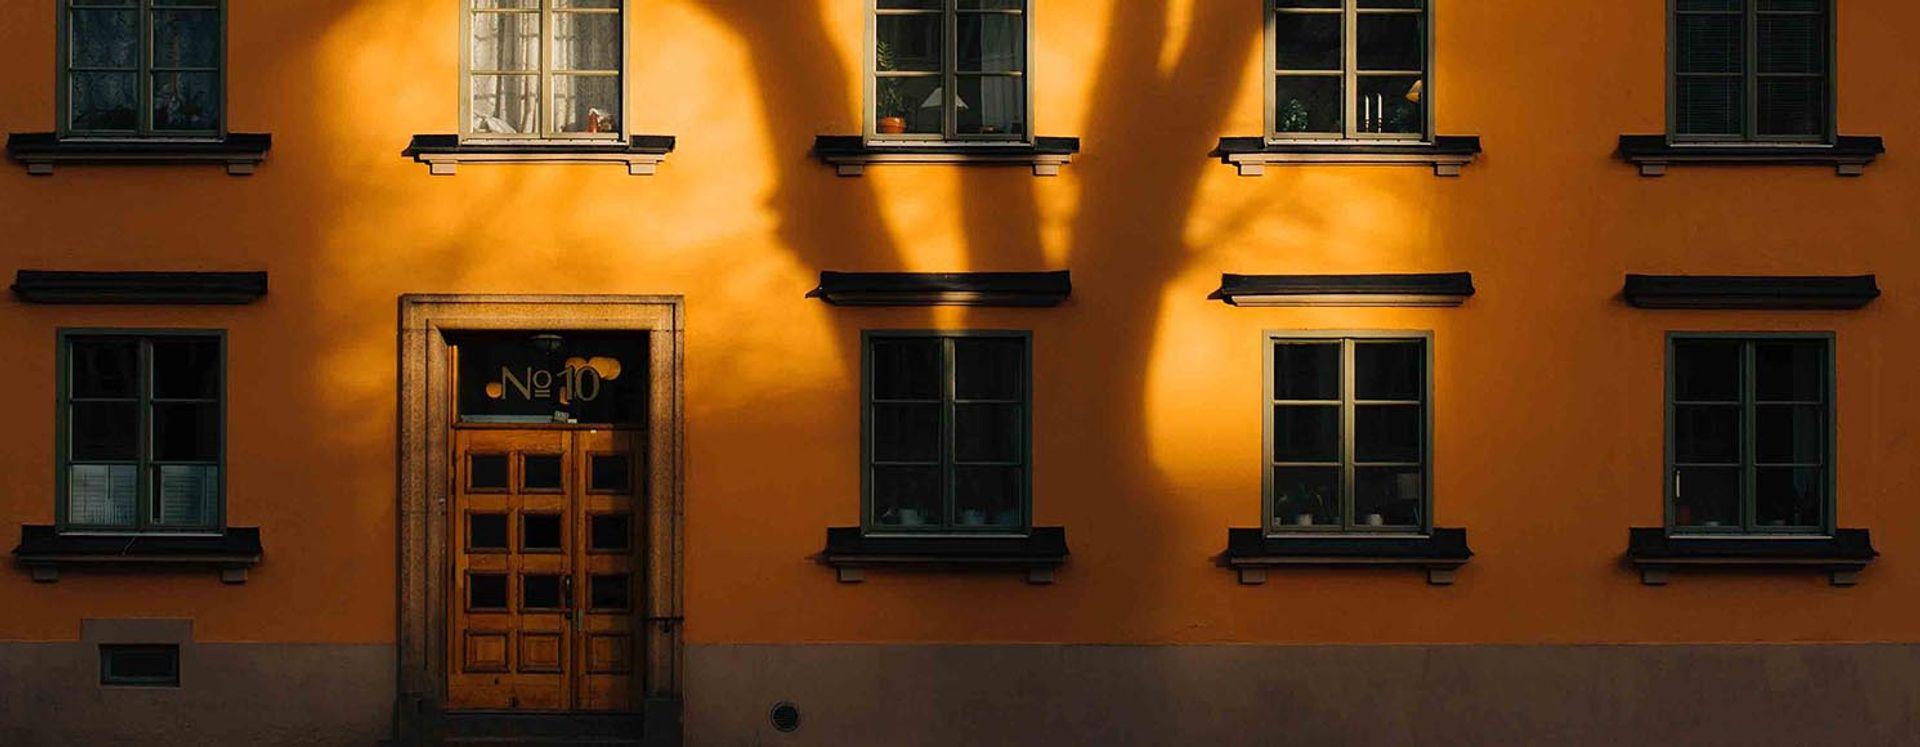 Fastighet med gul fasad